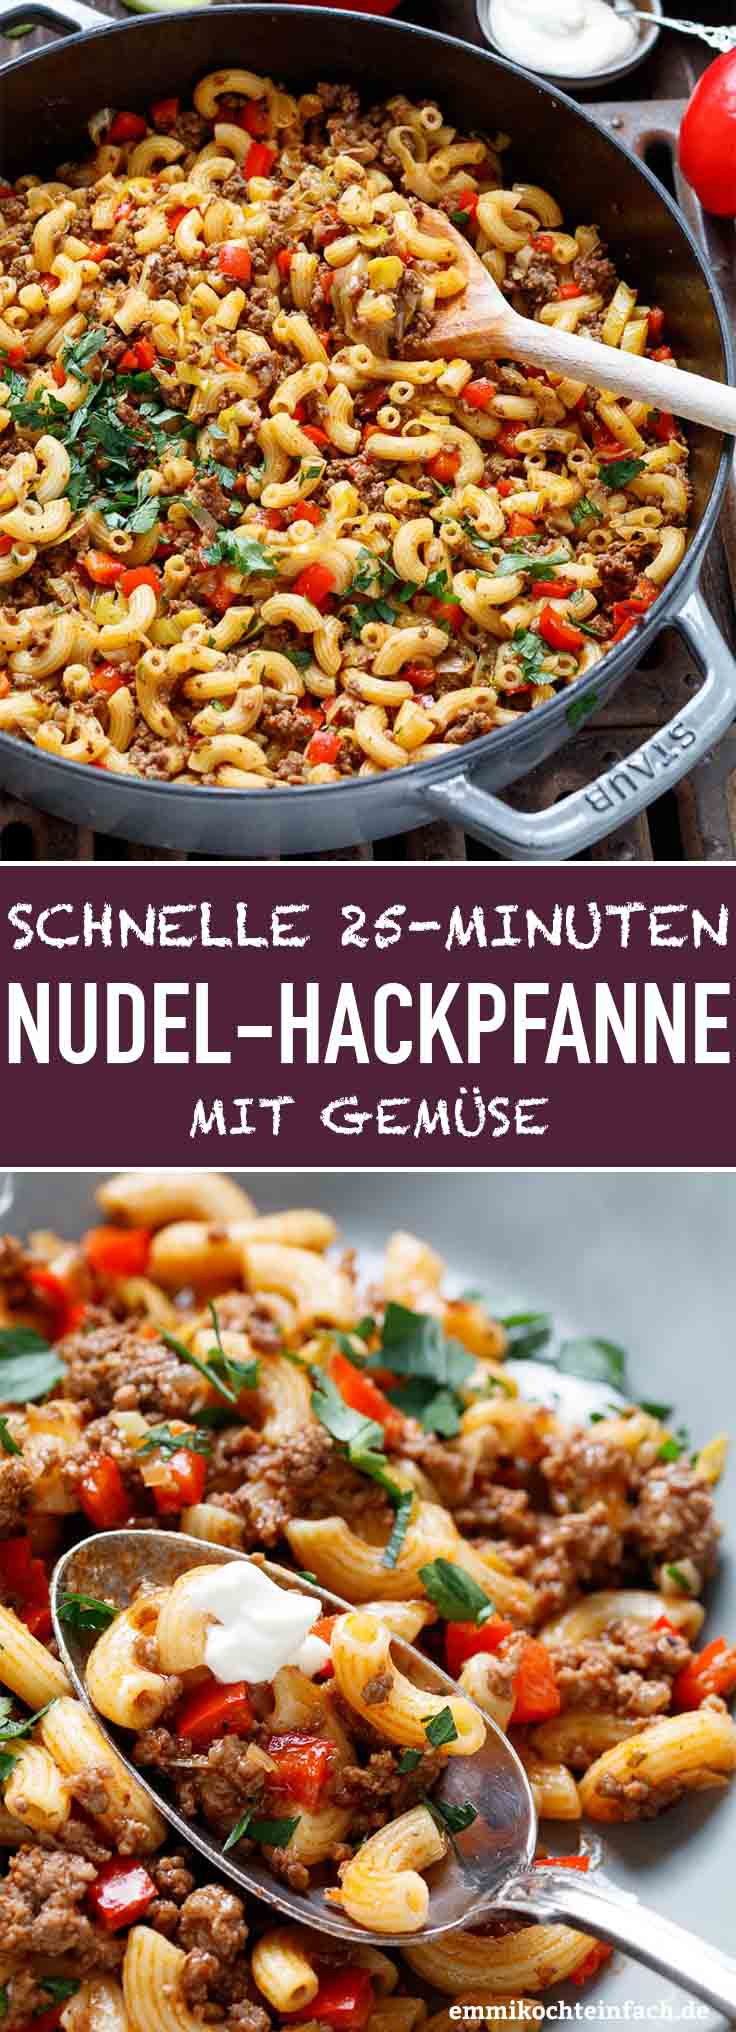 Schnelle Hackpfanne Mit Hörnchennudeln & Gemüse für Mittagsgerichte Schnell Und Einfach